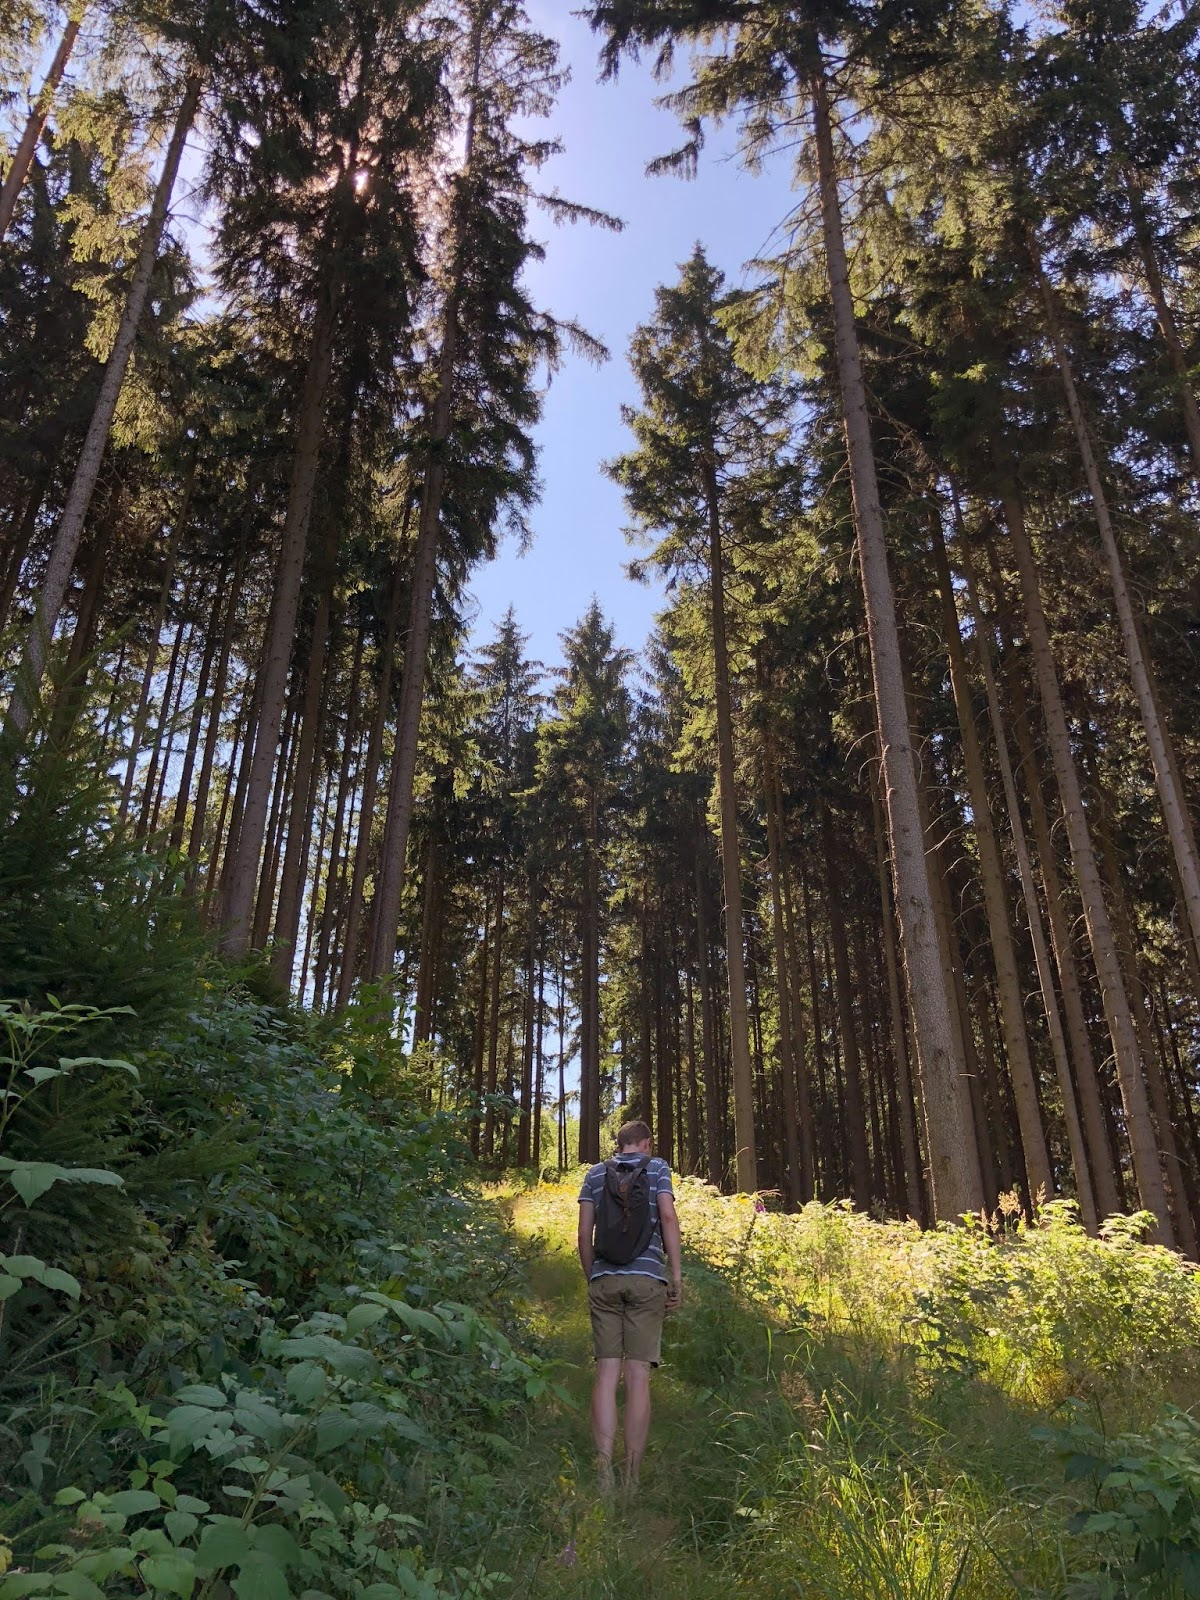 forest of ilmenau thuringia